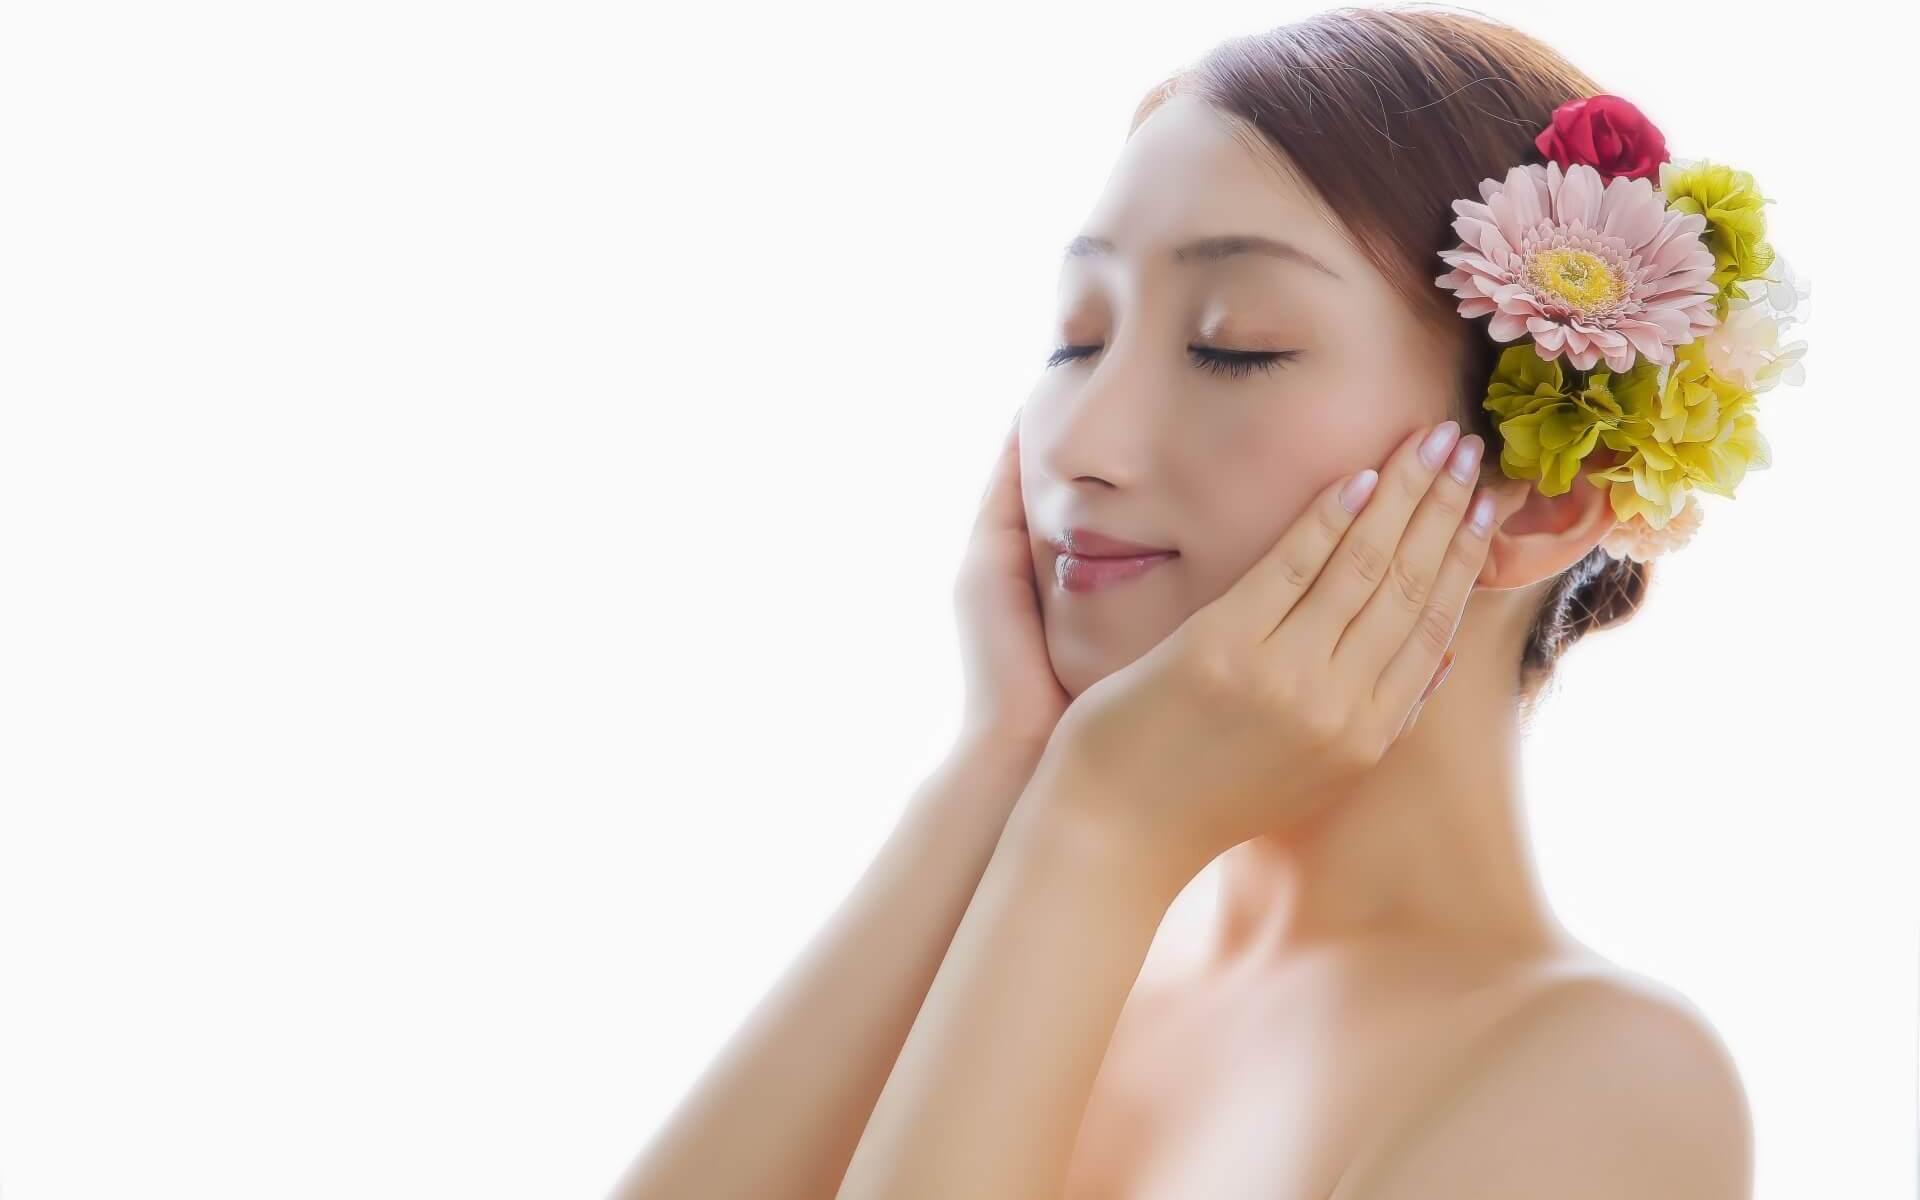 ヴィーガンのメリット 続けると変化する健康と美容への効果